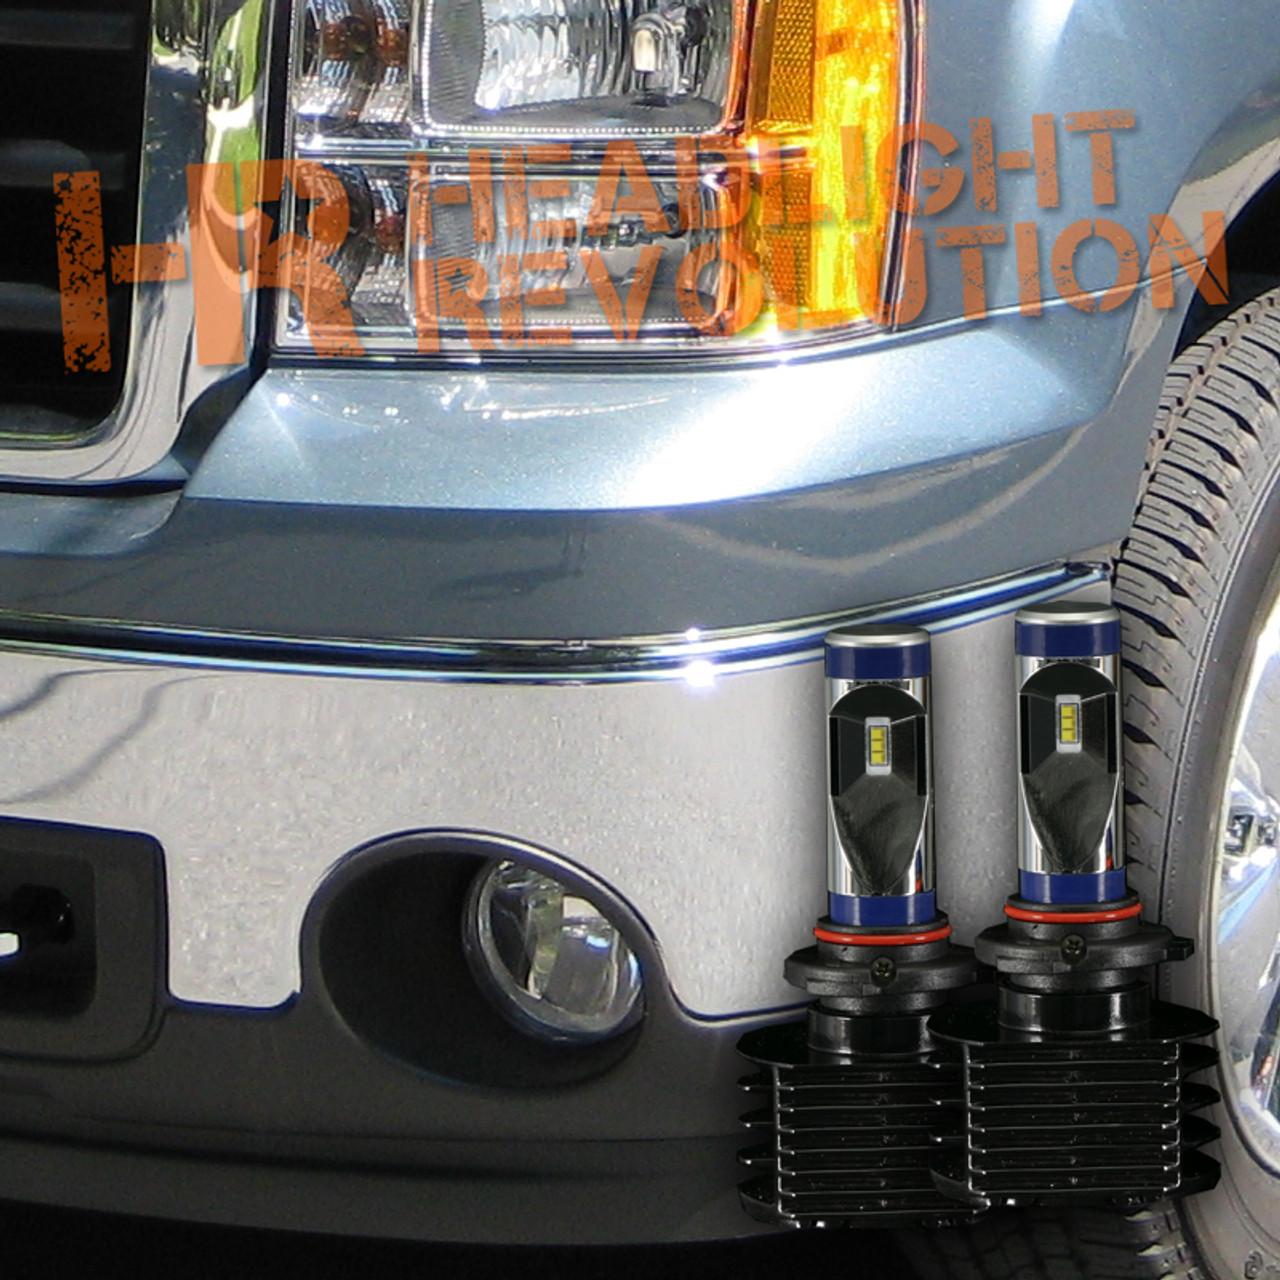 09 Jeep Cj Fog Light Wiring - Wiring Diagrams Digital  Cc Clark Wiring Diagram on